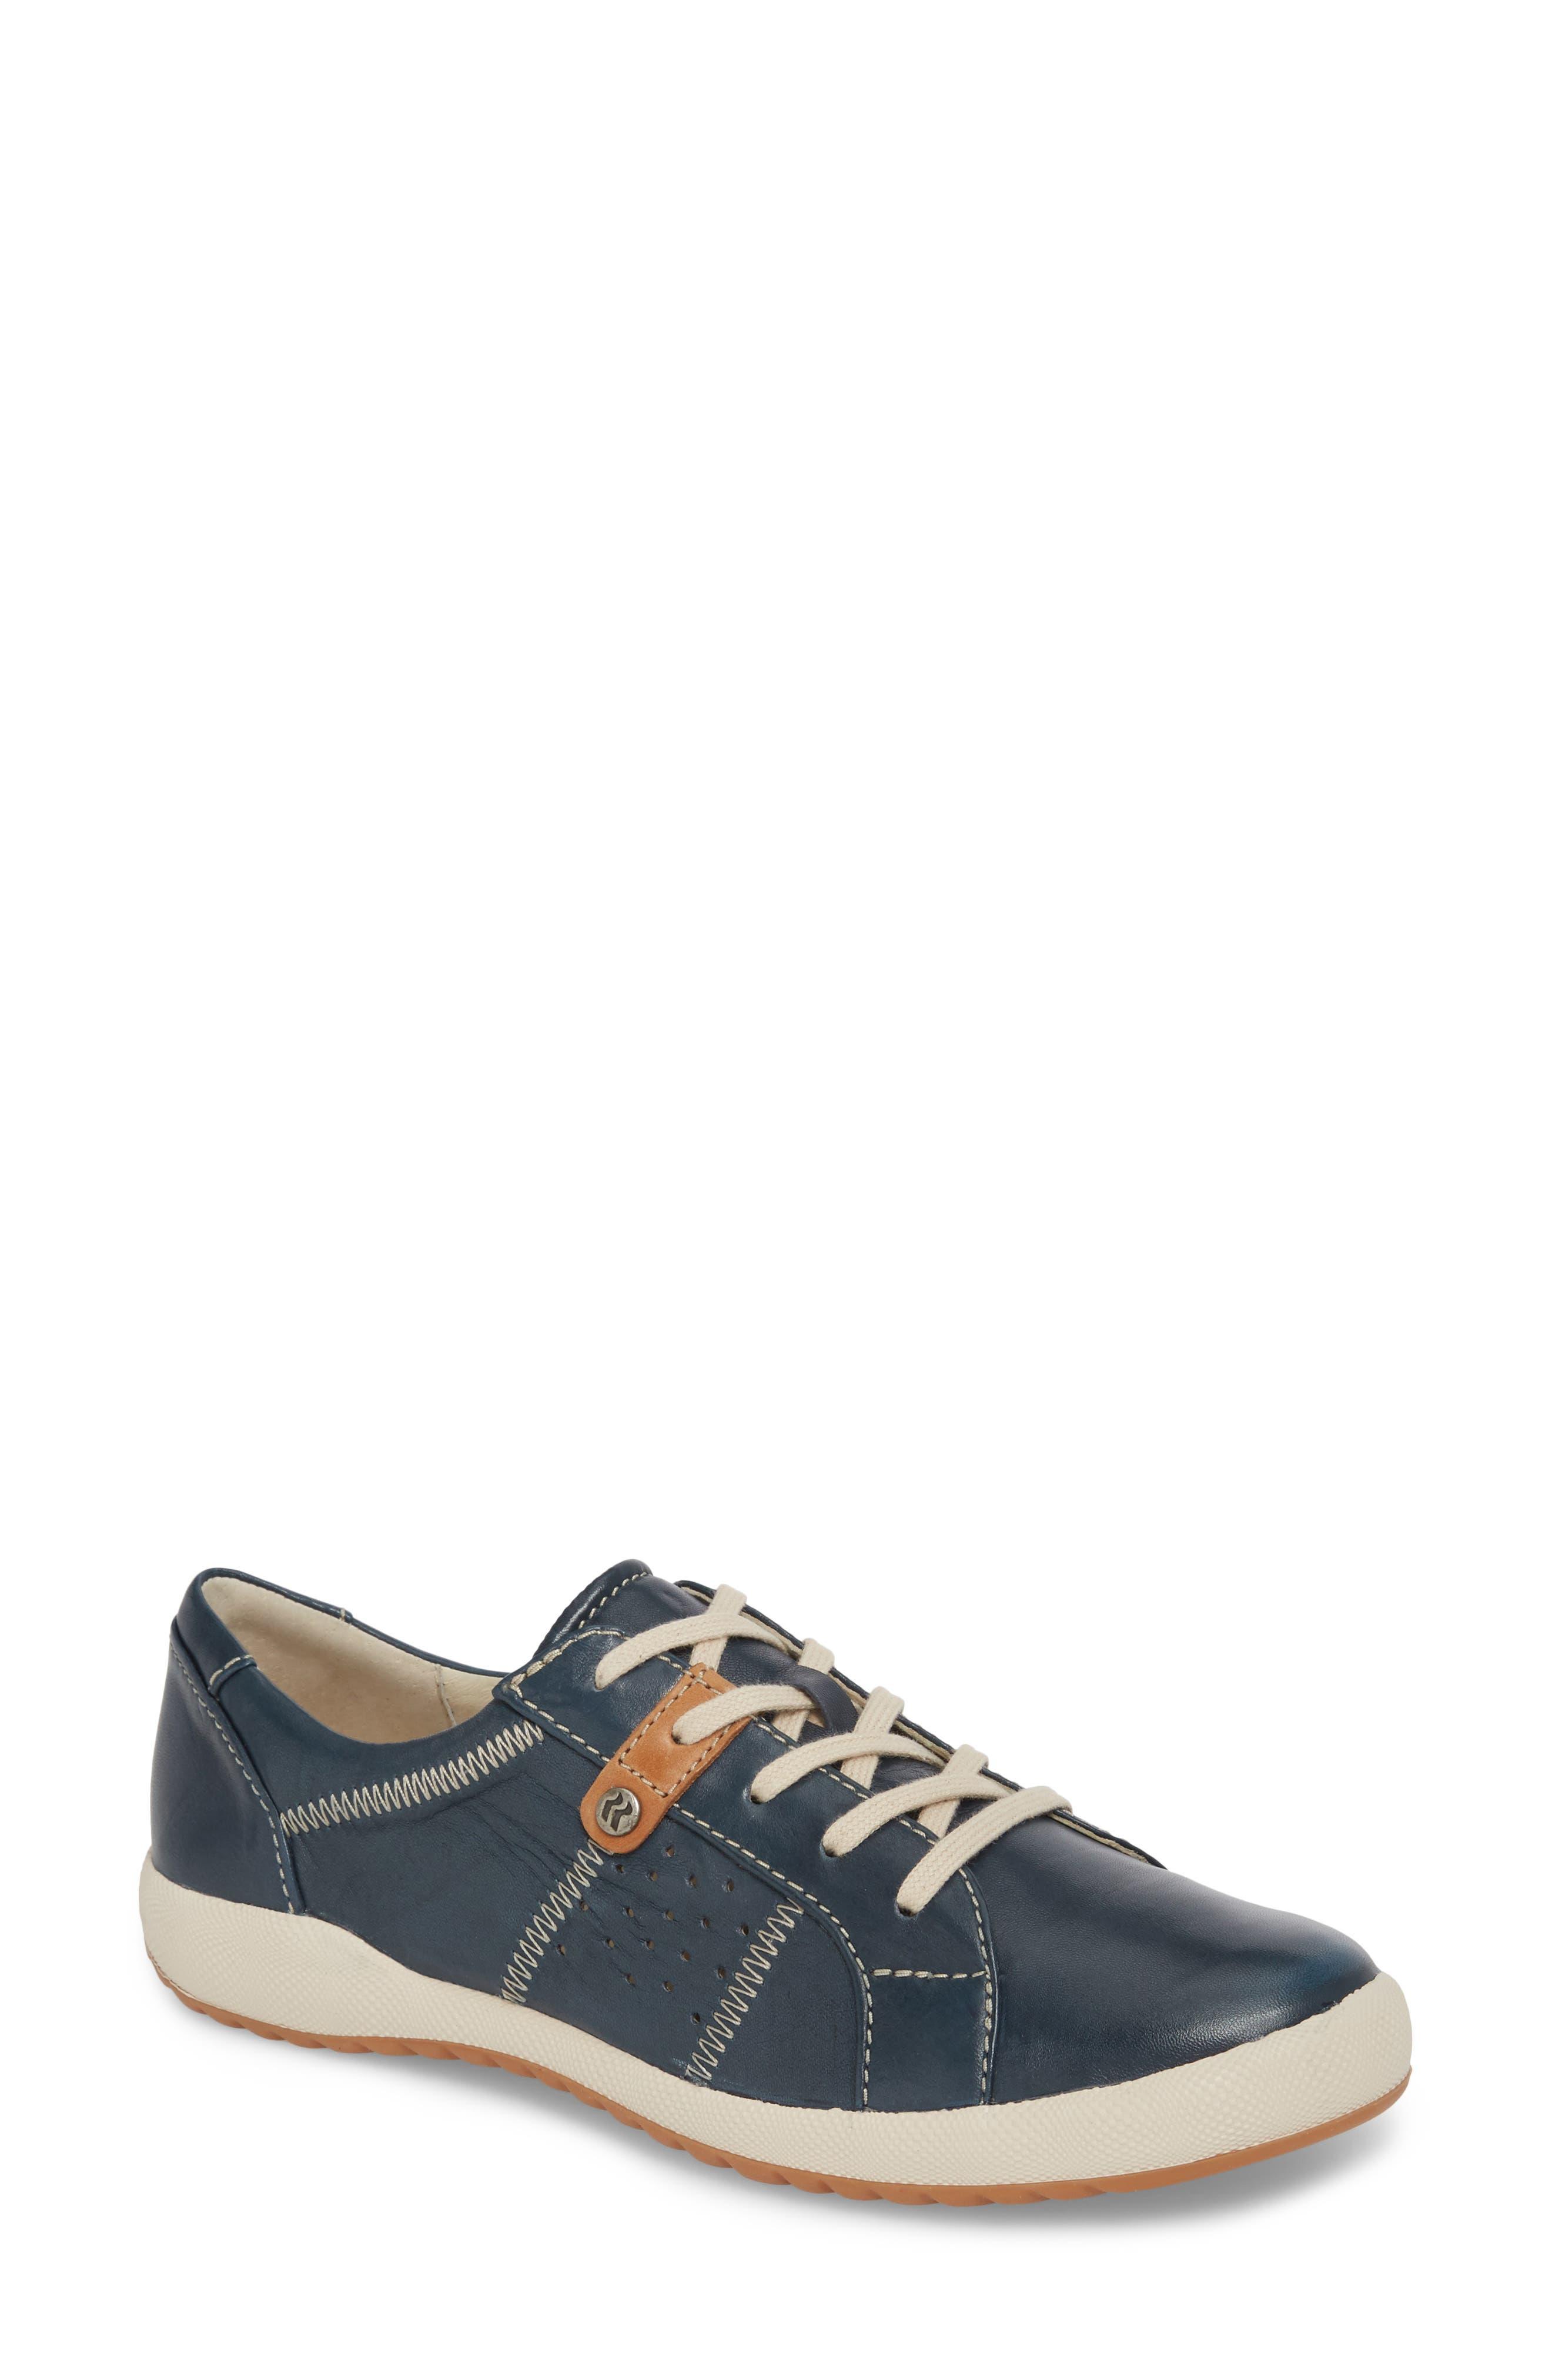 Cordoba 01 Sneaker,                         Main,                         color, OCEAN LEATHER